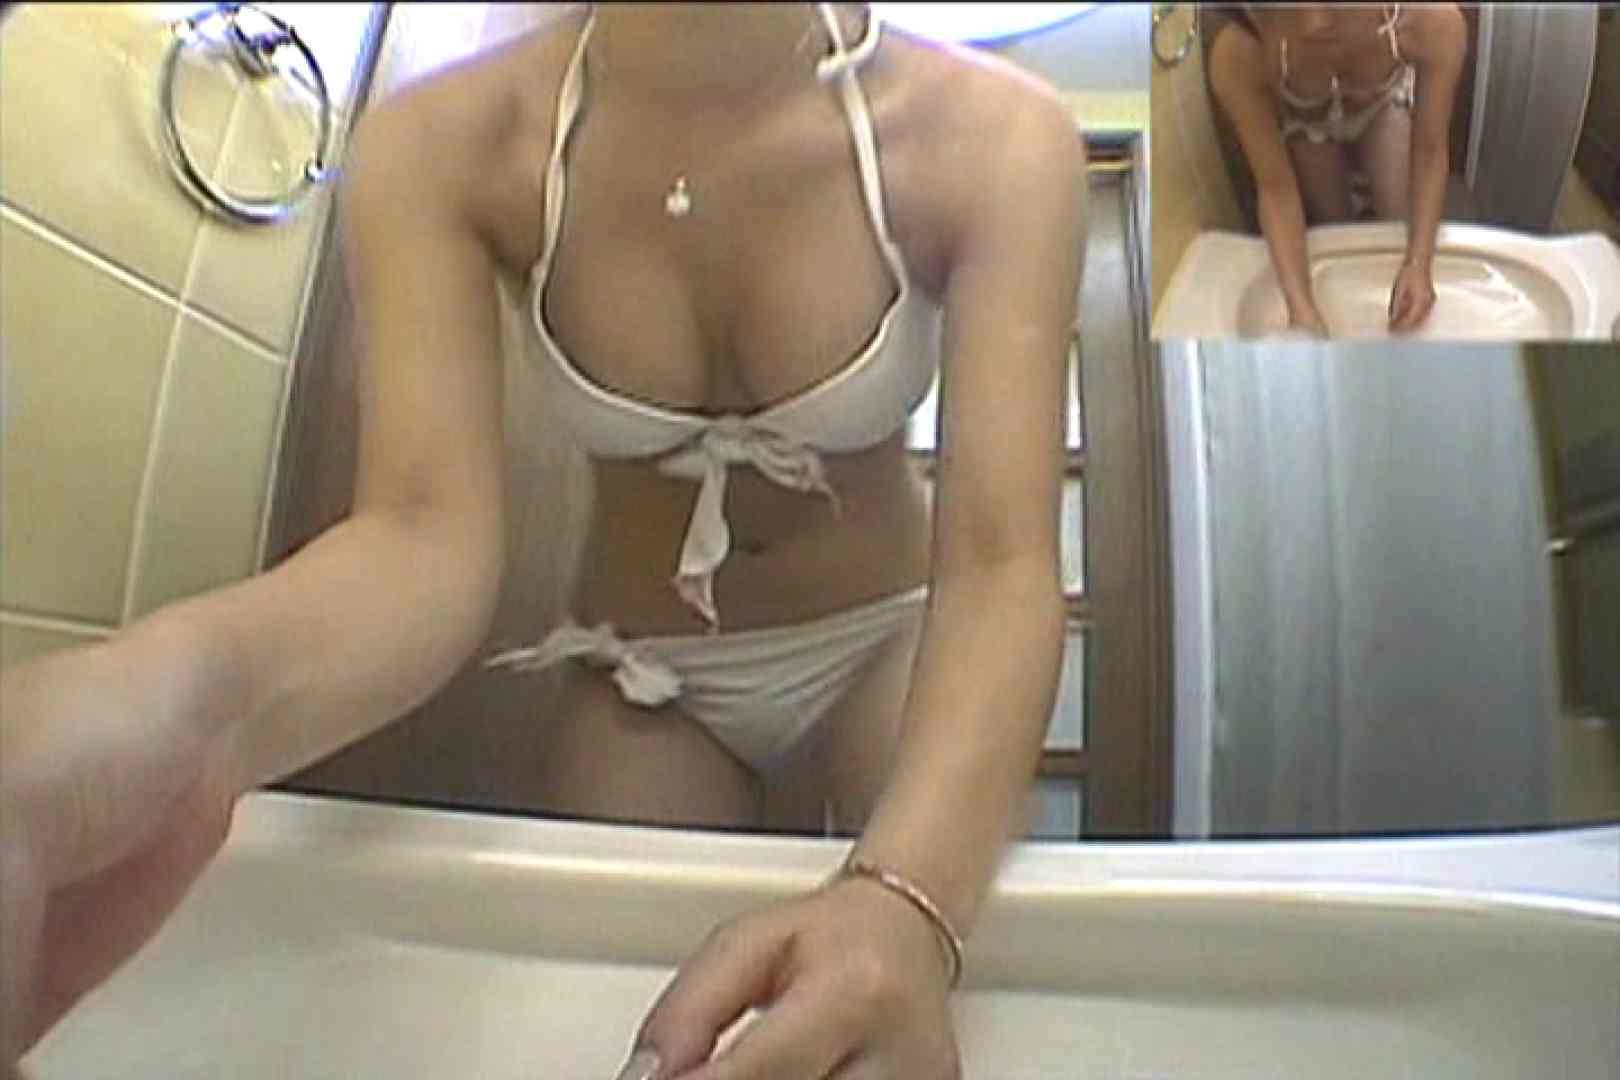 水着ギャルびっくり!! 洗面所盗撮Vol.10 シャワー AV動画キャプチャ 56PICs 48